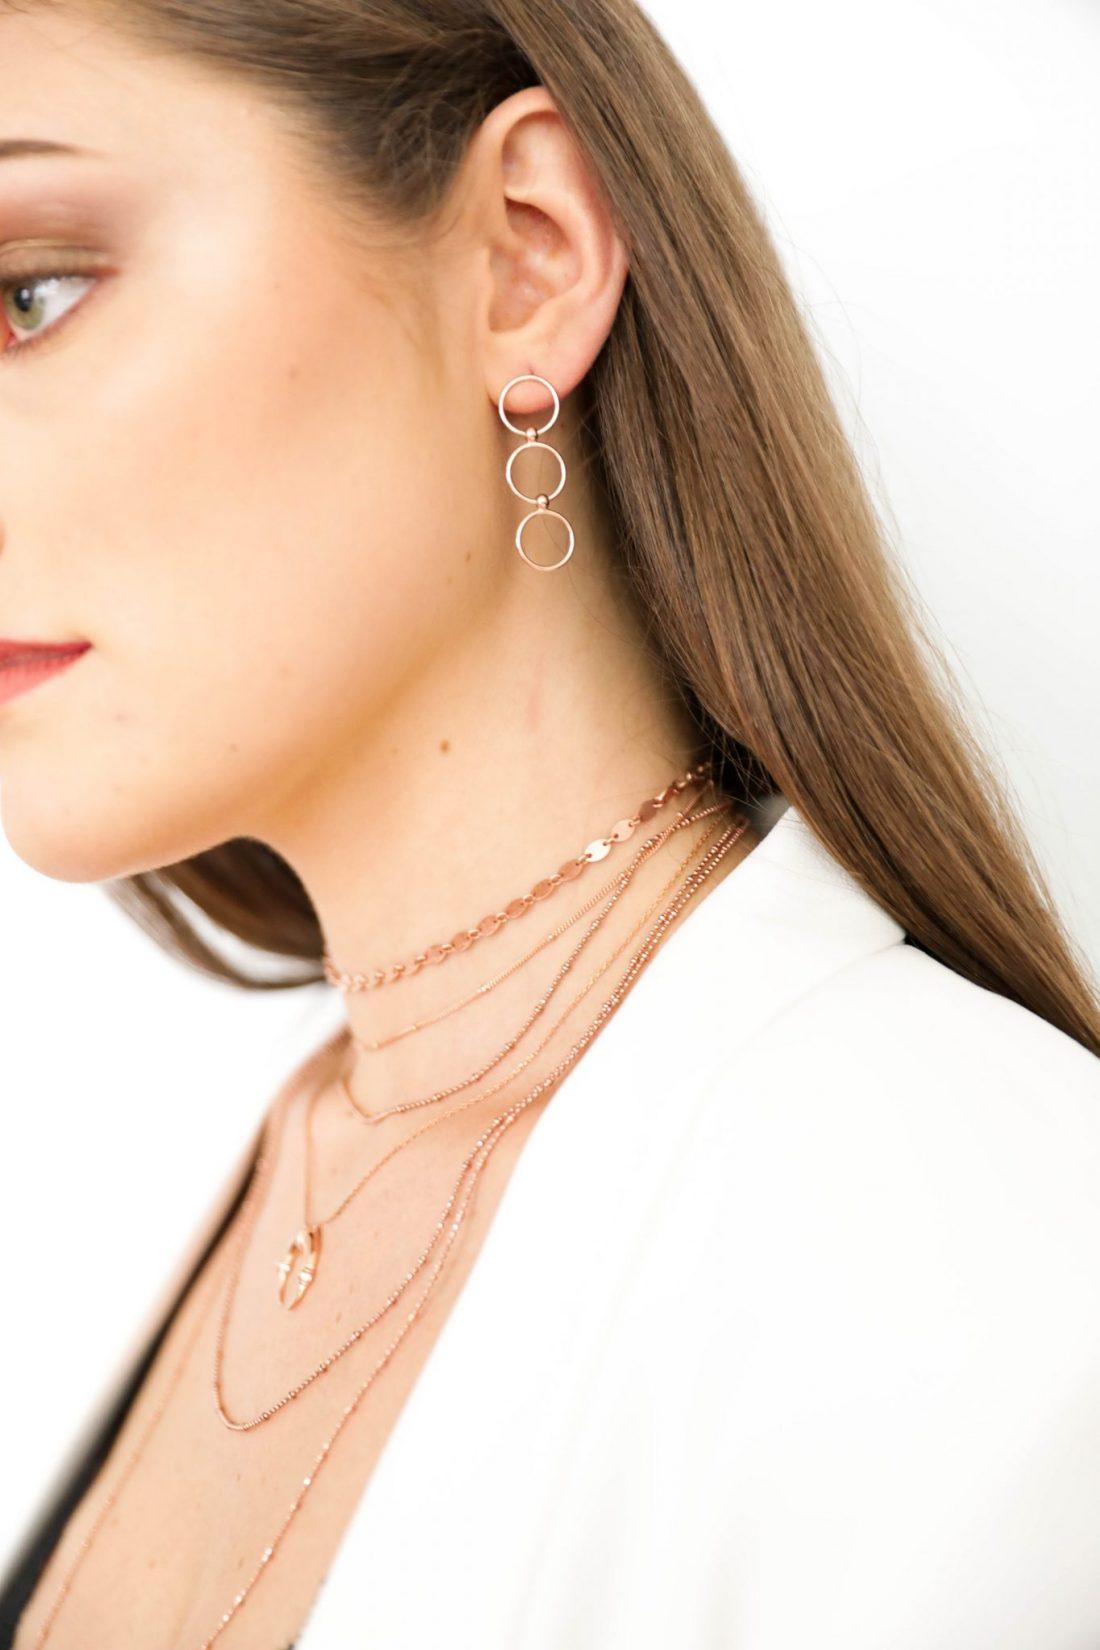 Pour Toi Jewelry © James Gutierrez